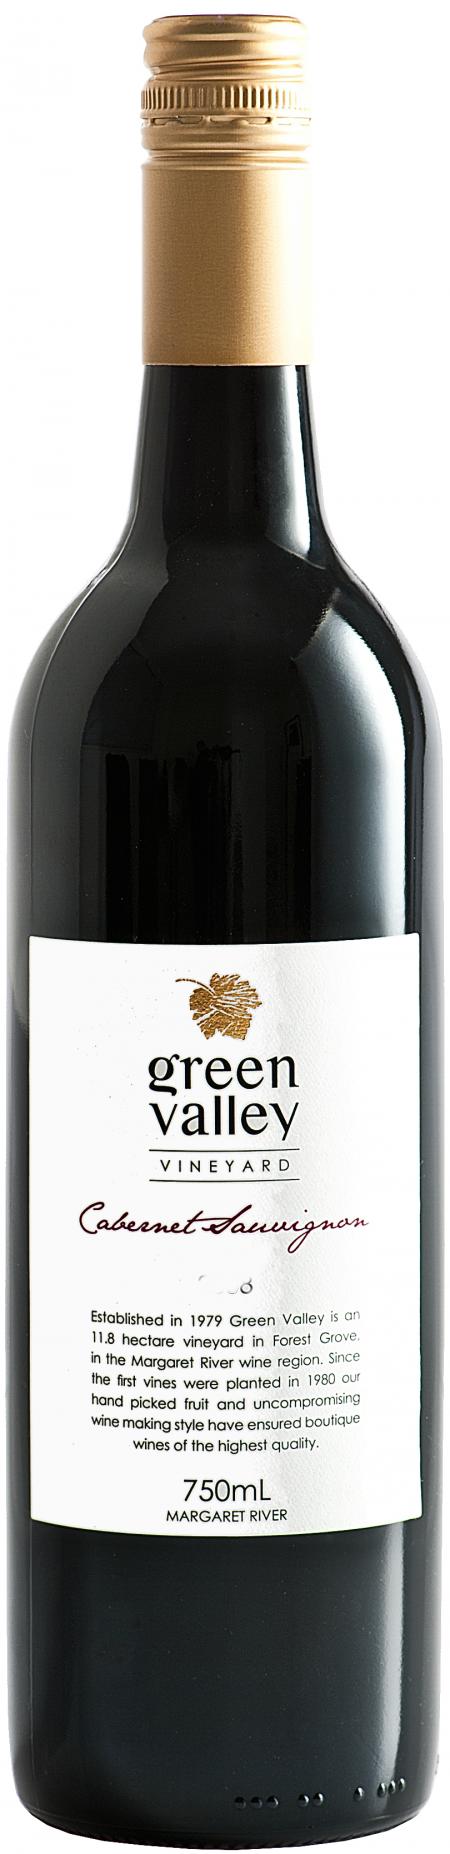 Green Valley Cabernet Sauvignon 2012-0